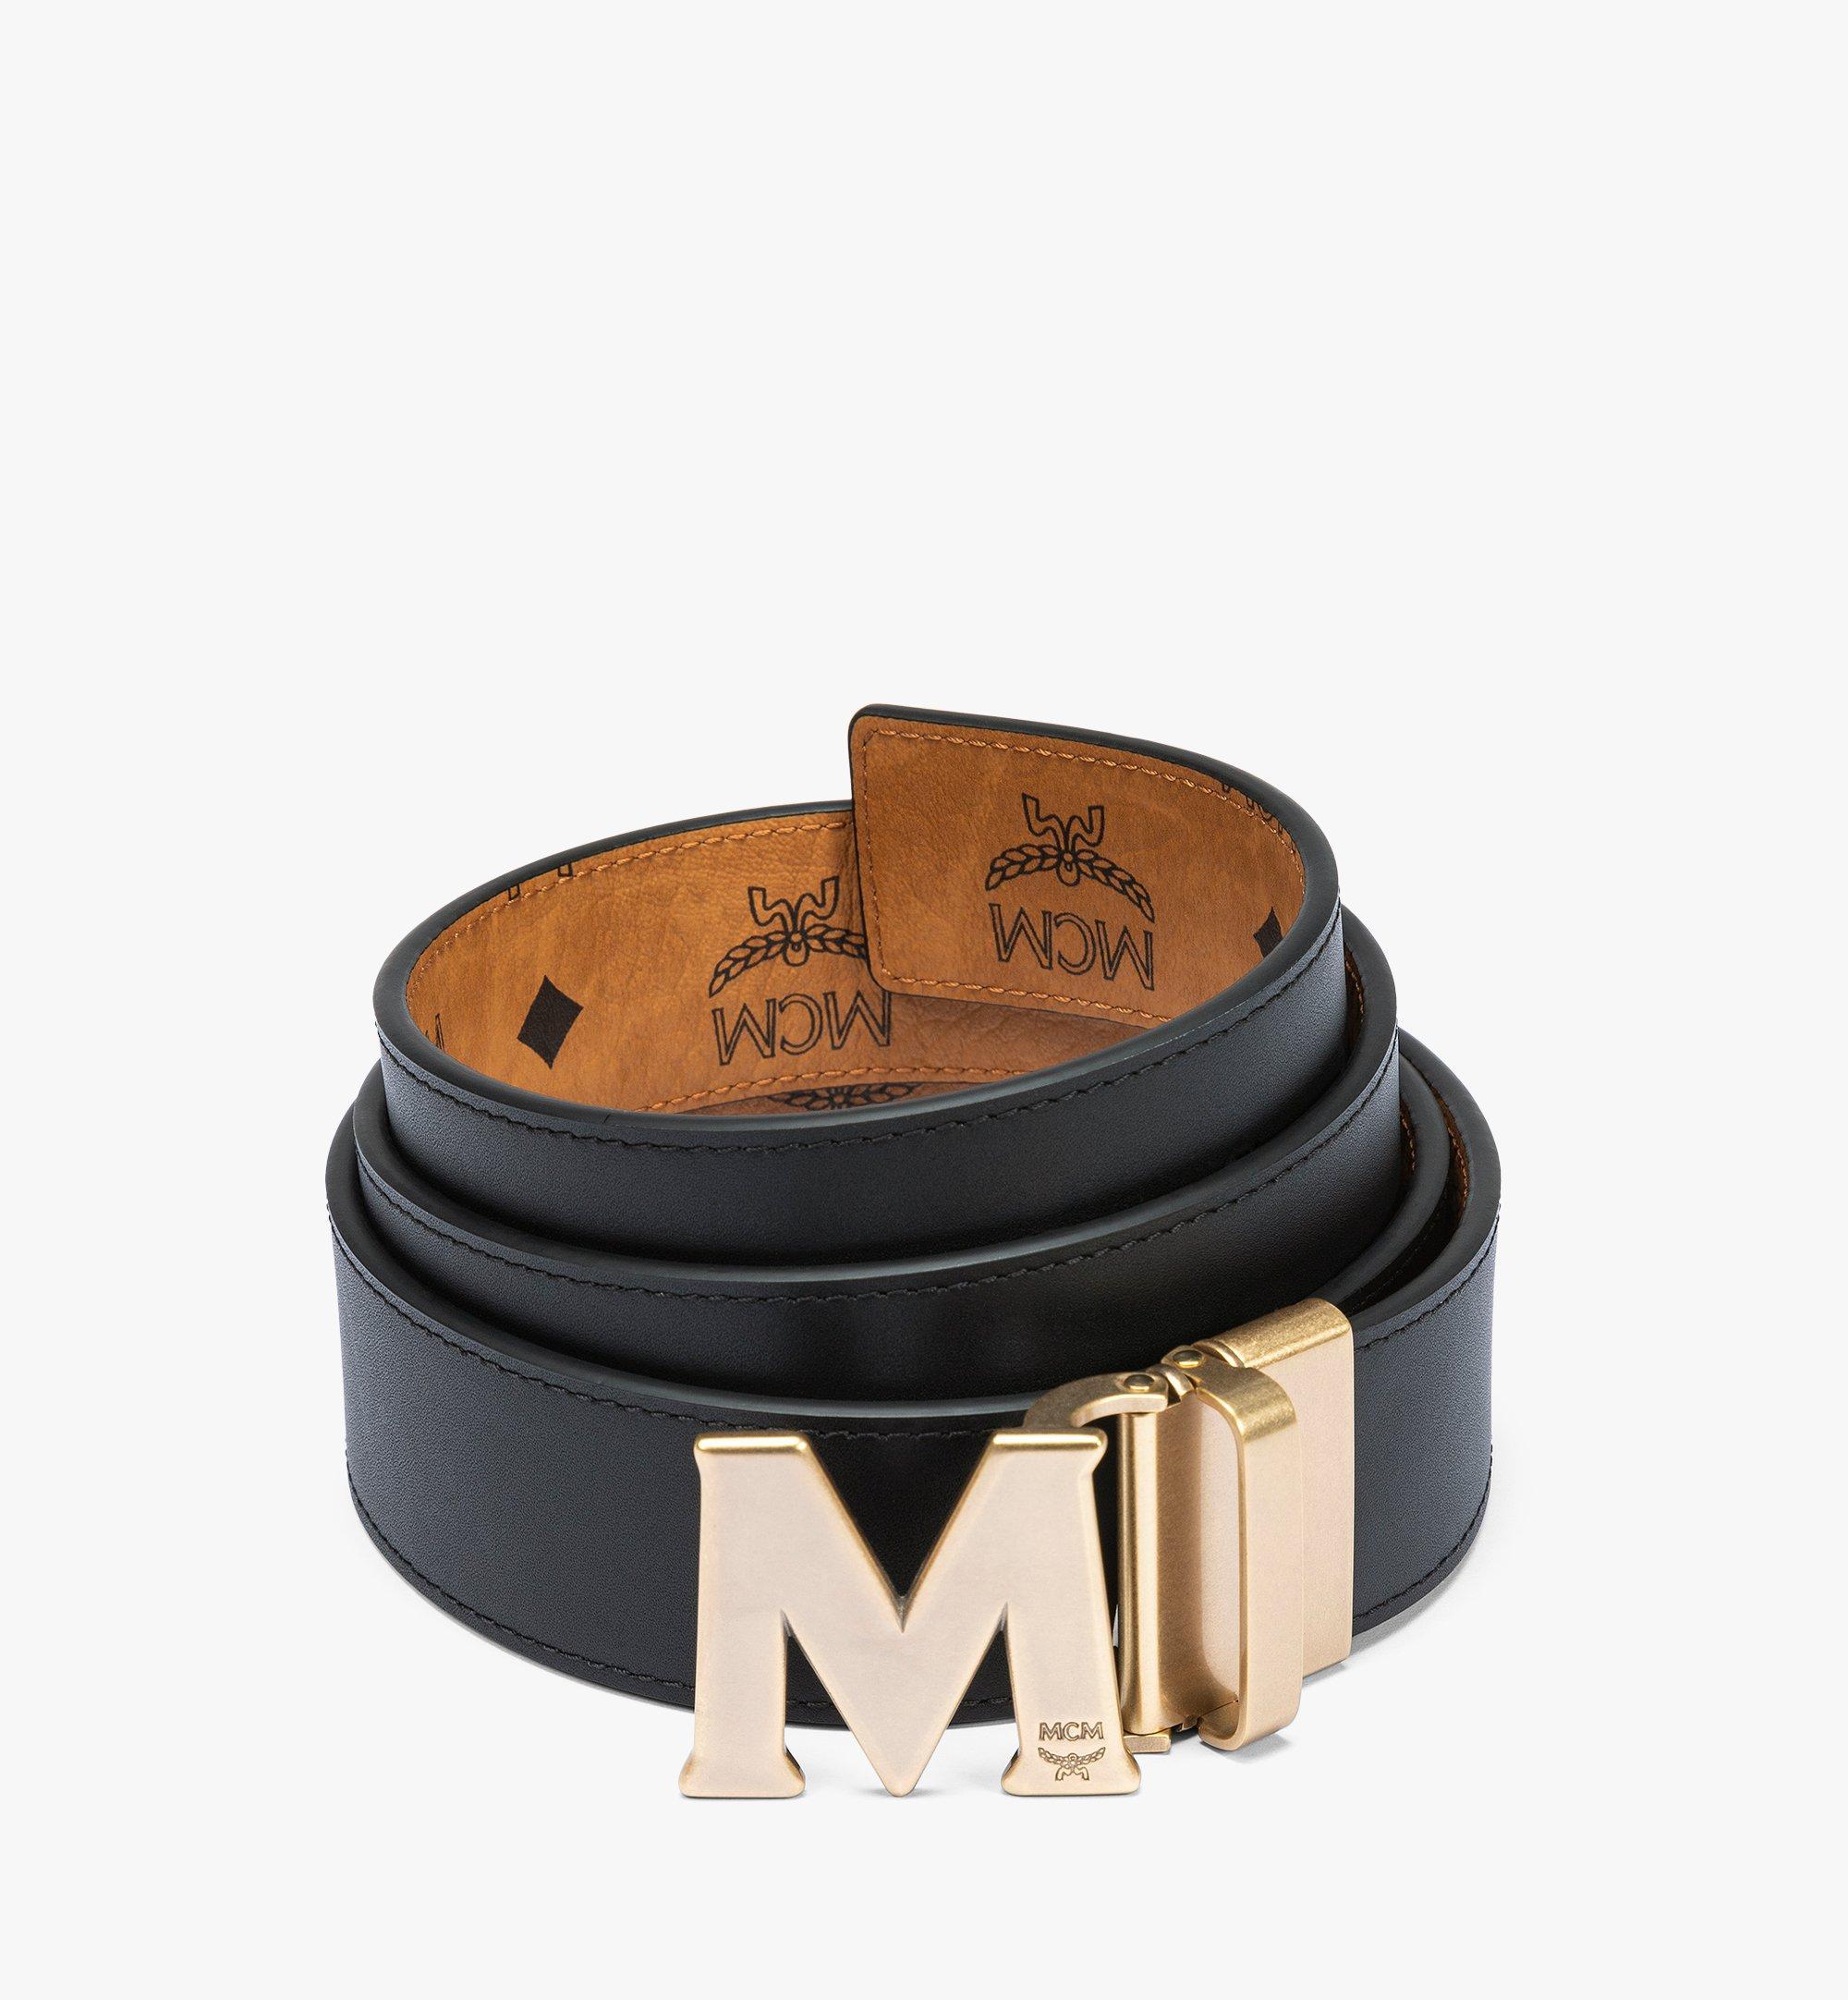 MCM Claus Antique M Reversible Belt 3.8 cm in Visetos Cognac MXBAAVI06CO001 Alternate View 1